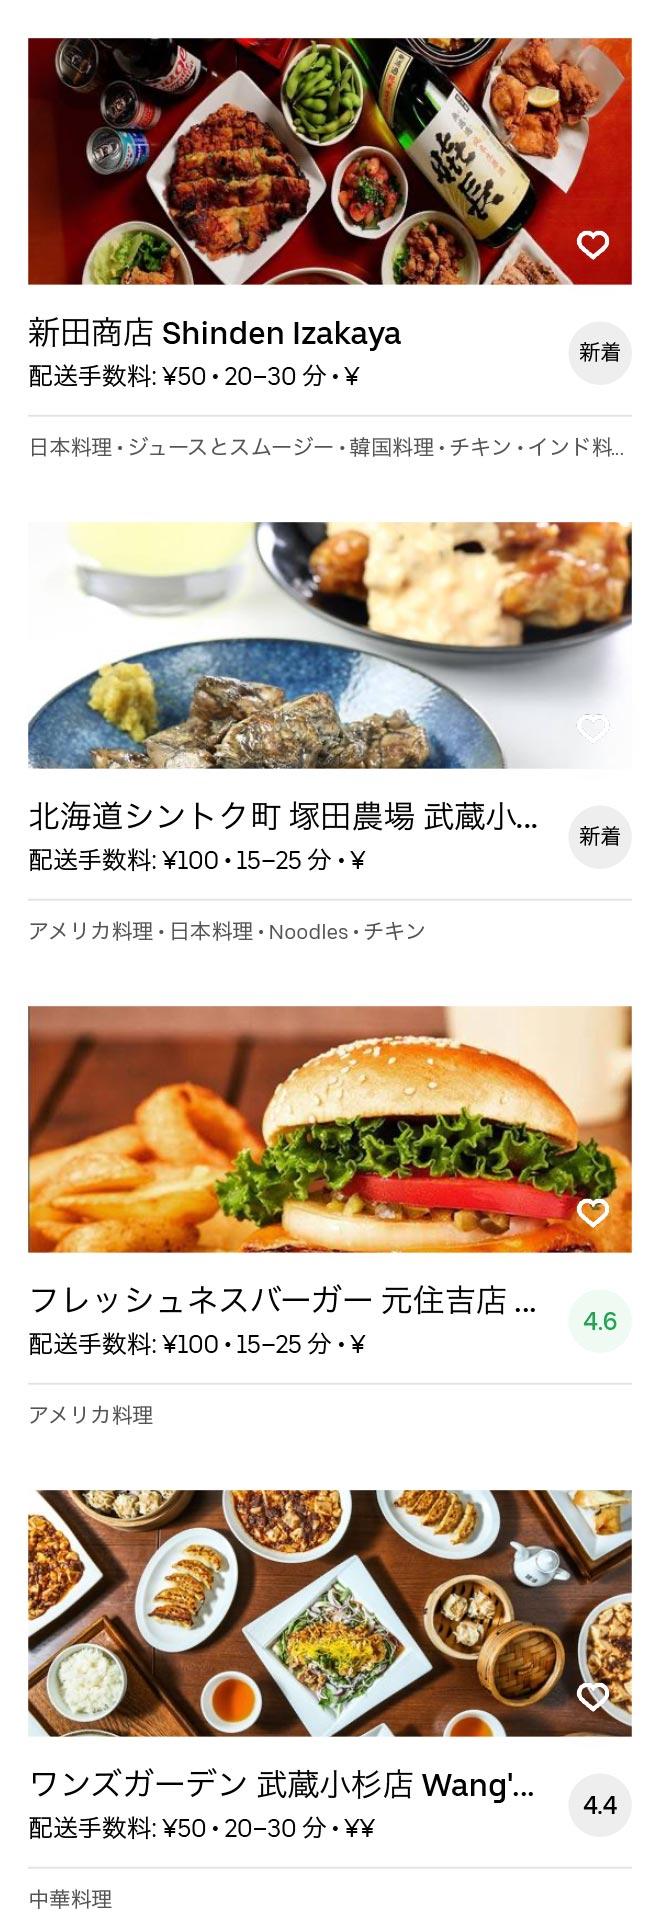 Musashikosugi menu 2004 03